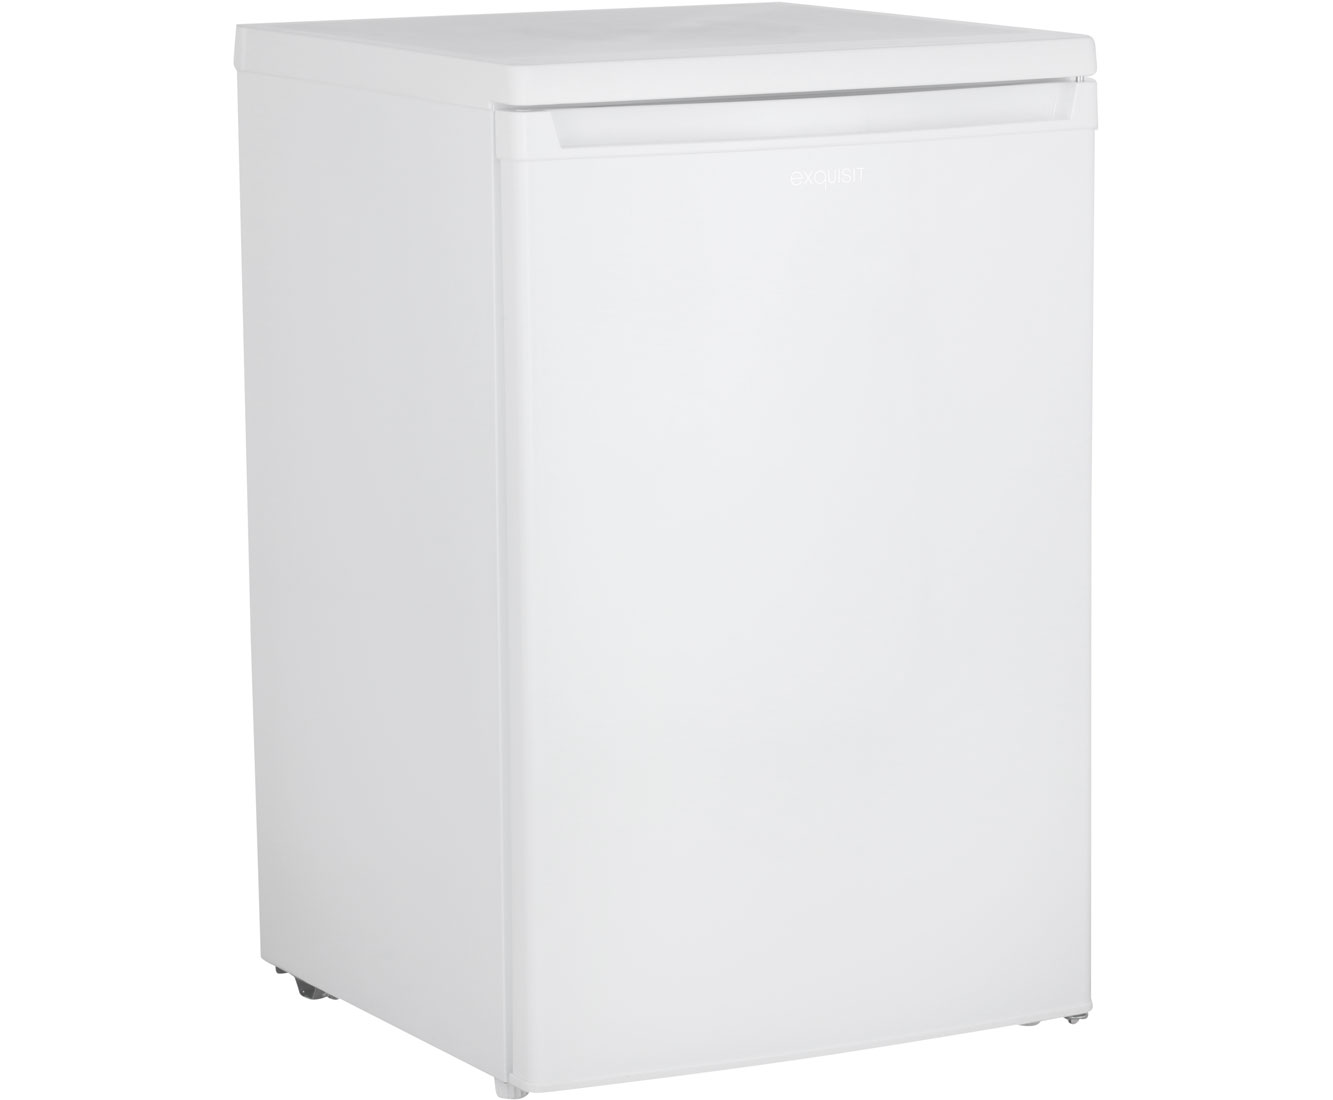 Kühlschrank Klemmschublade : Hotpoint kühlschrank preisvergleich u die besten angebote online